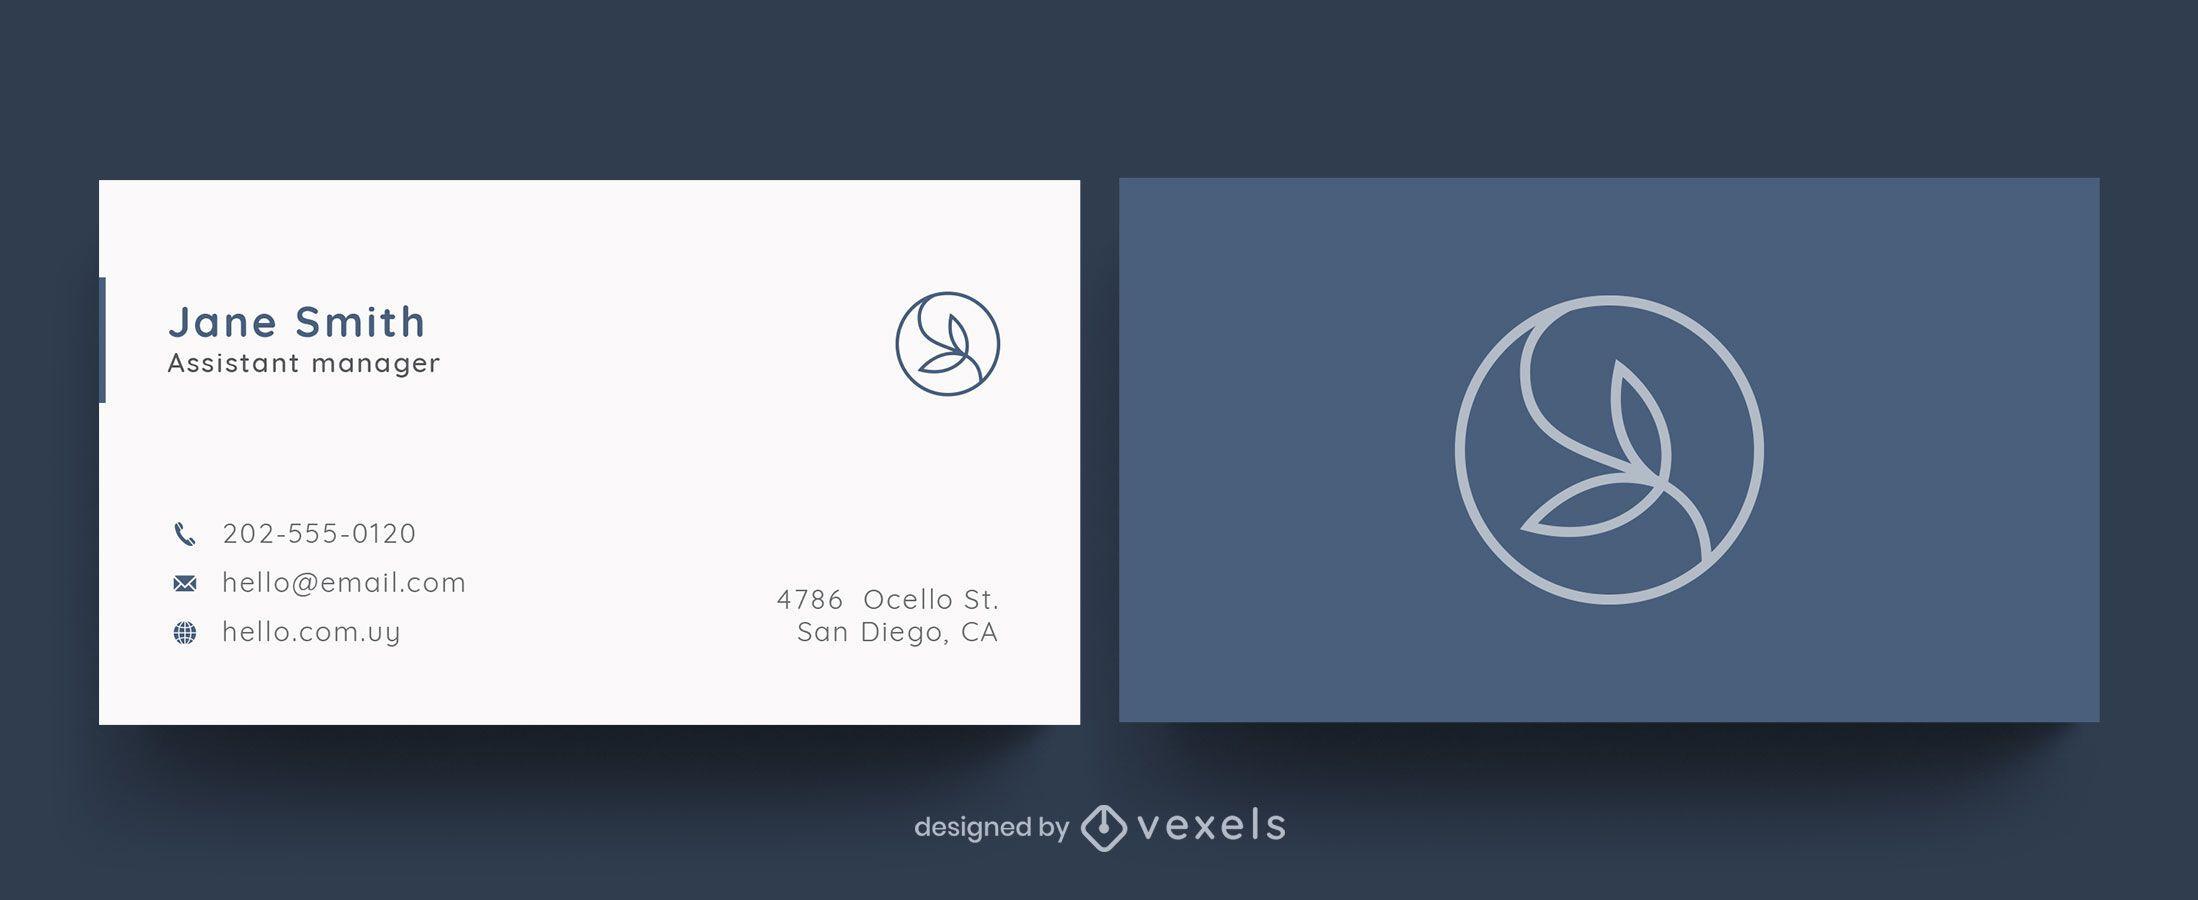 Design profissional de folha de cartão de visita